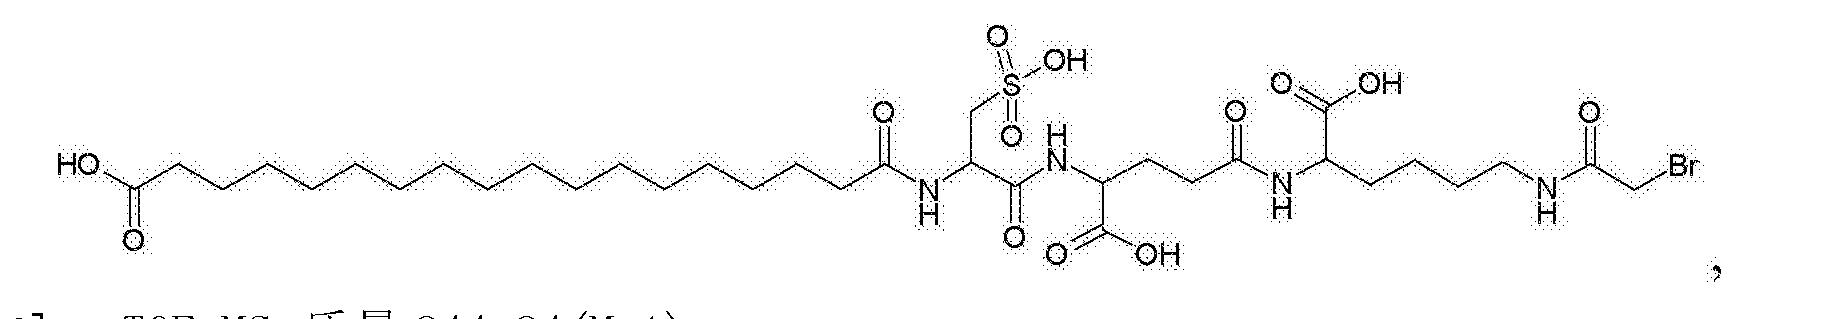 Figure CN103002918BD01124